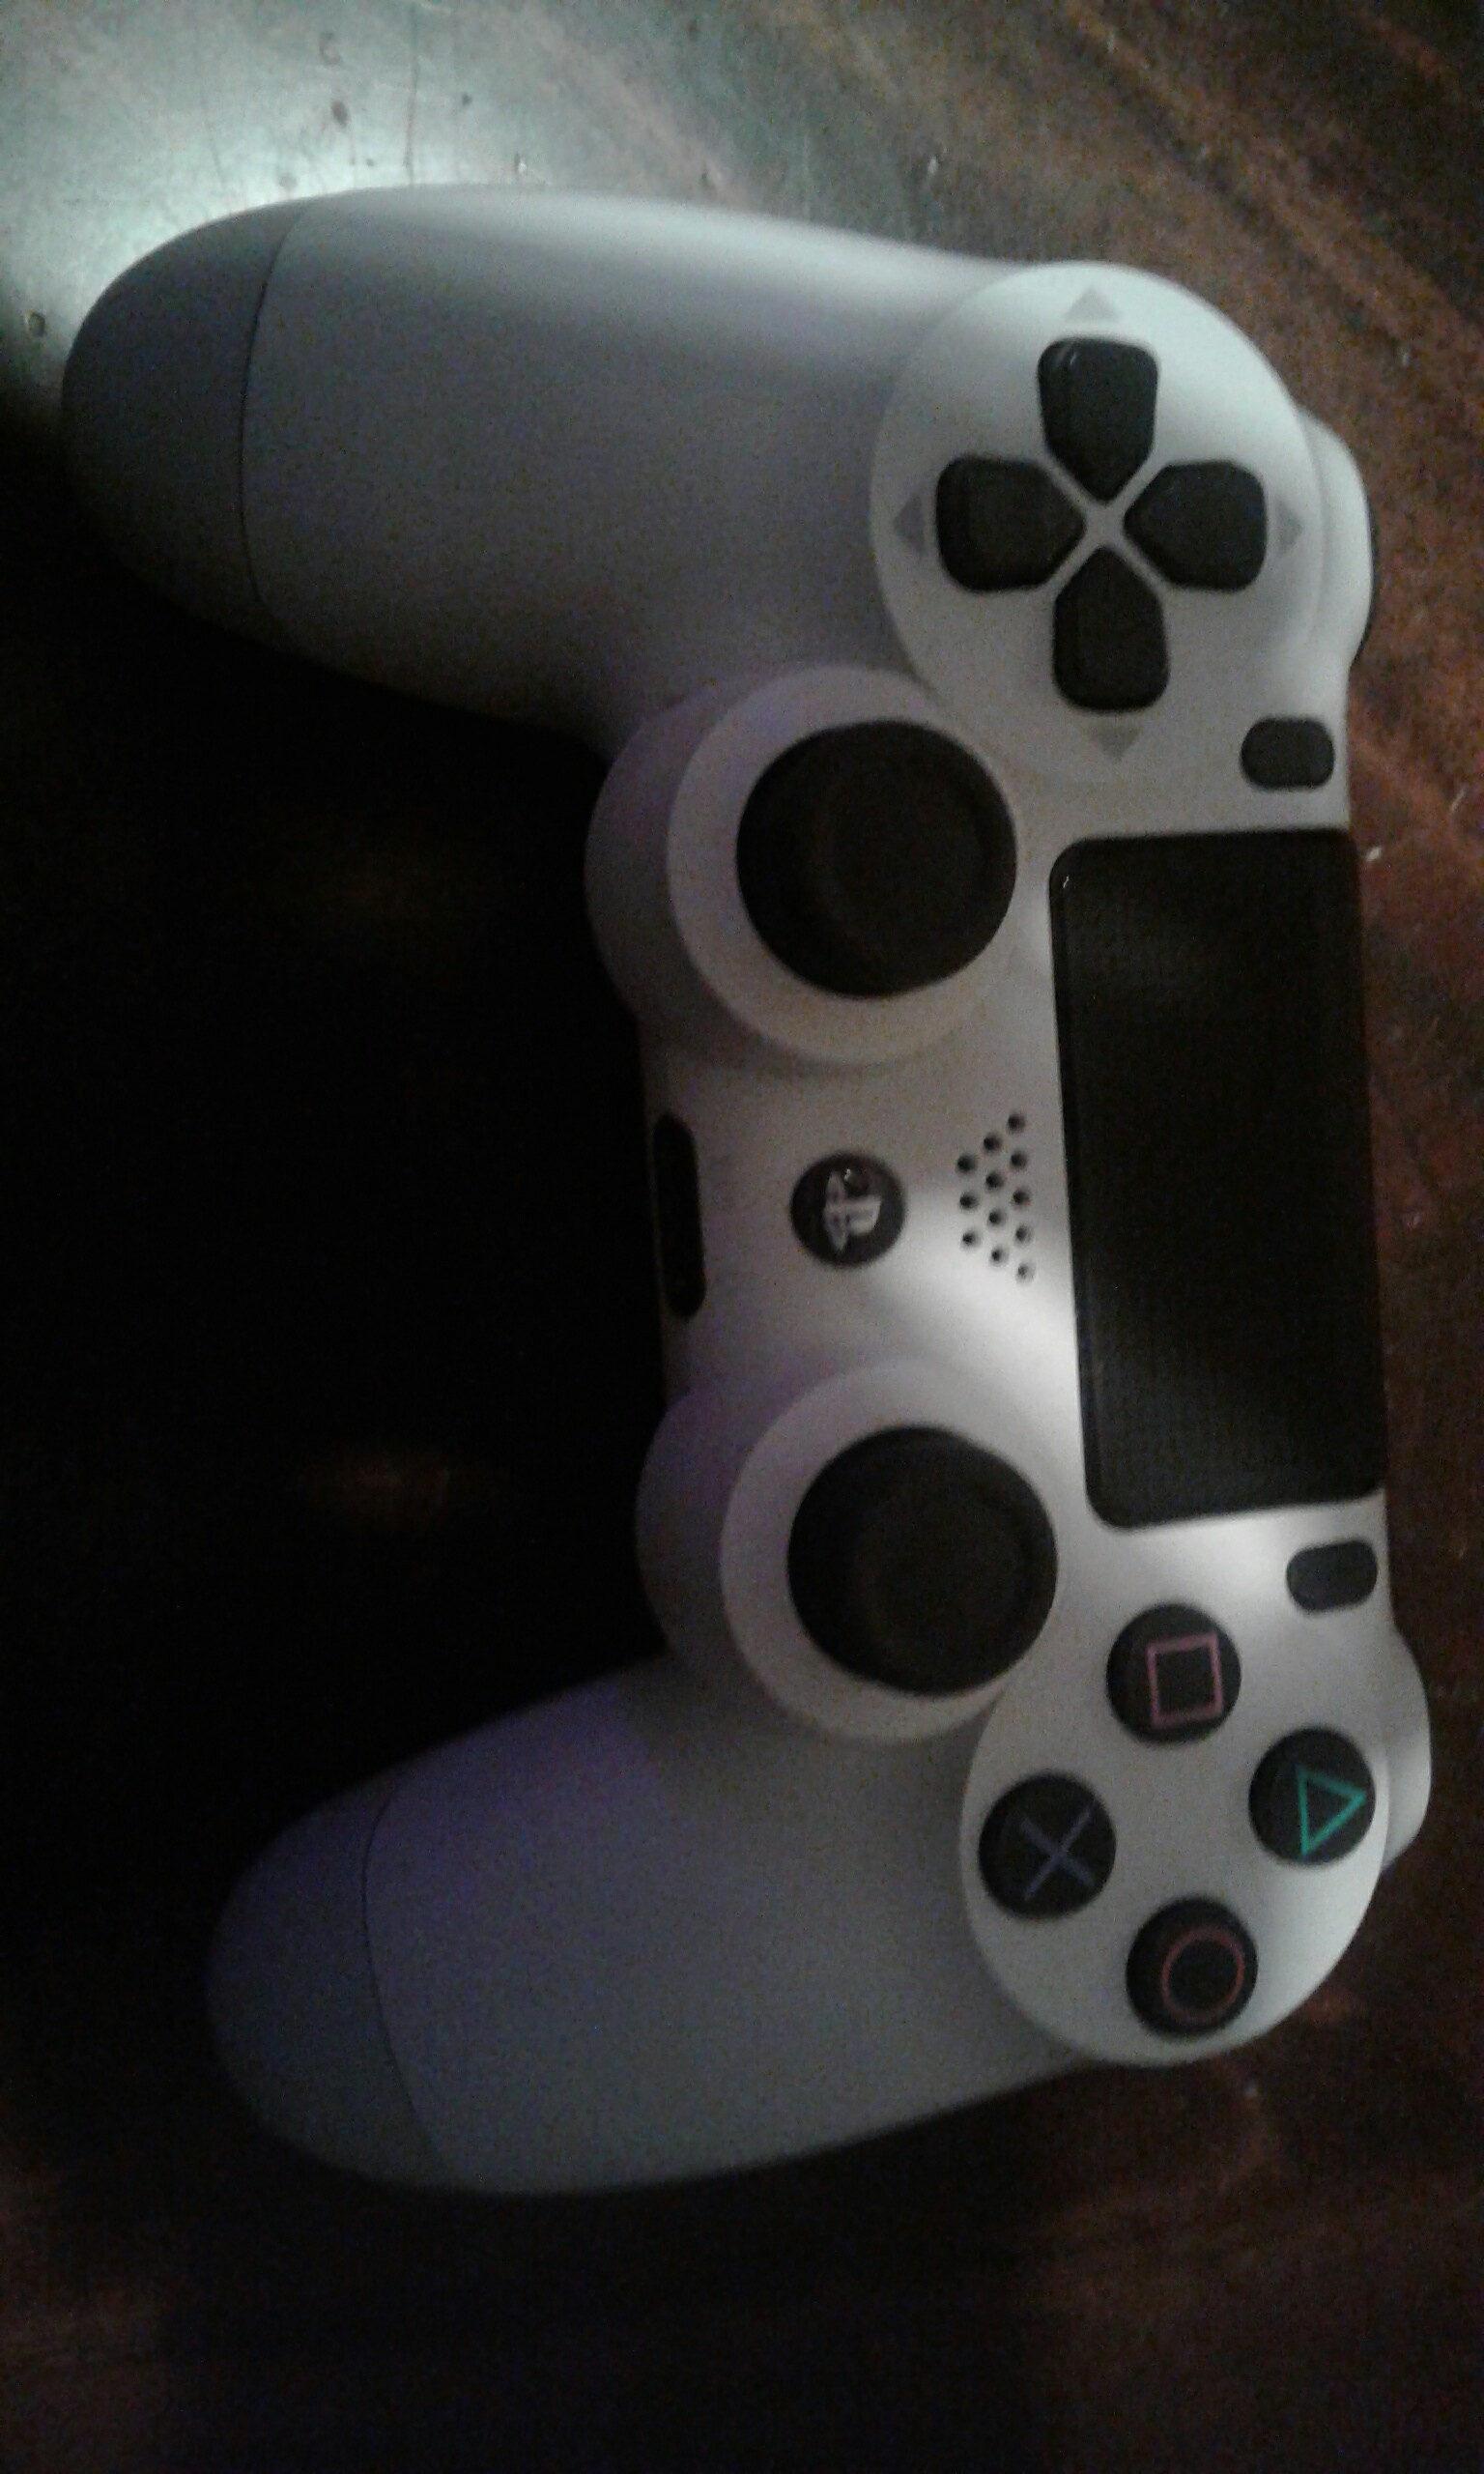 manette PS4 - Produit